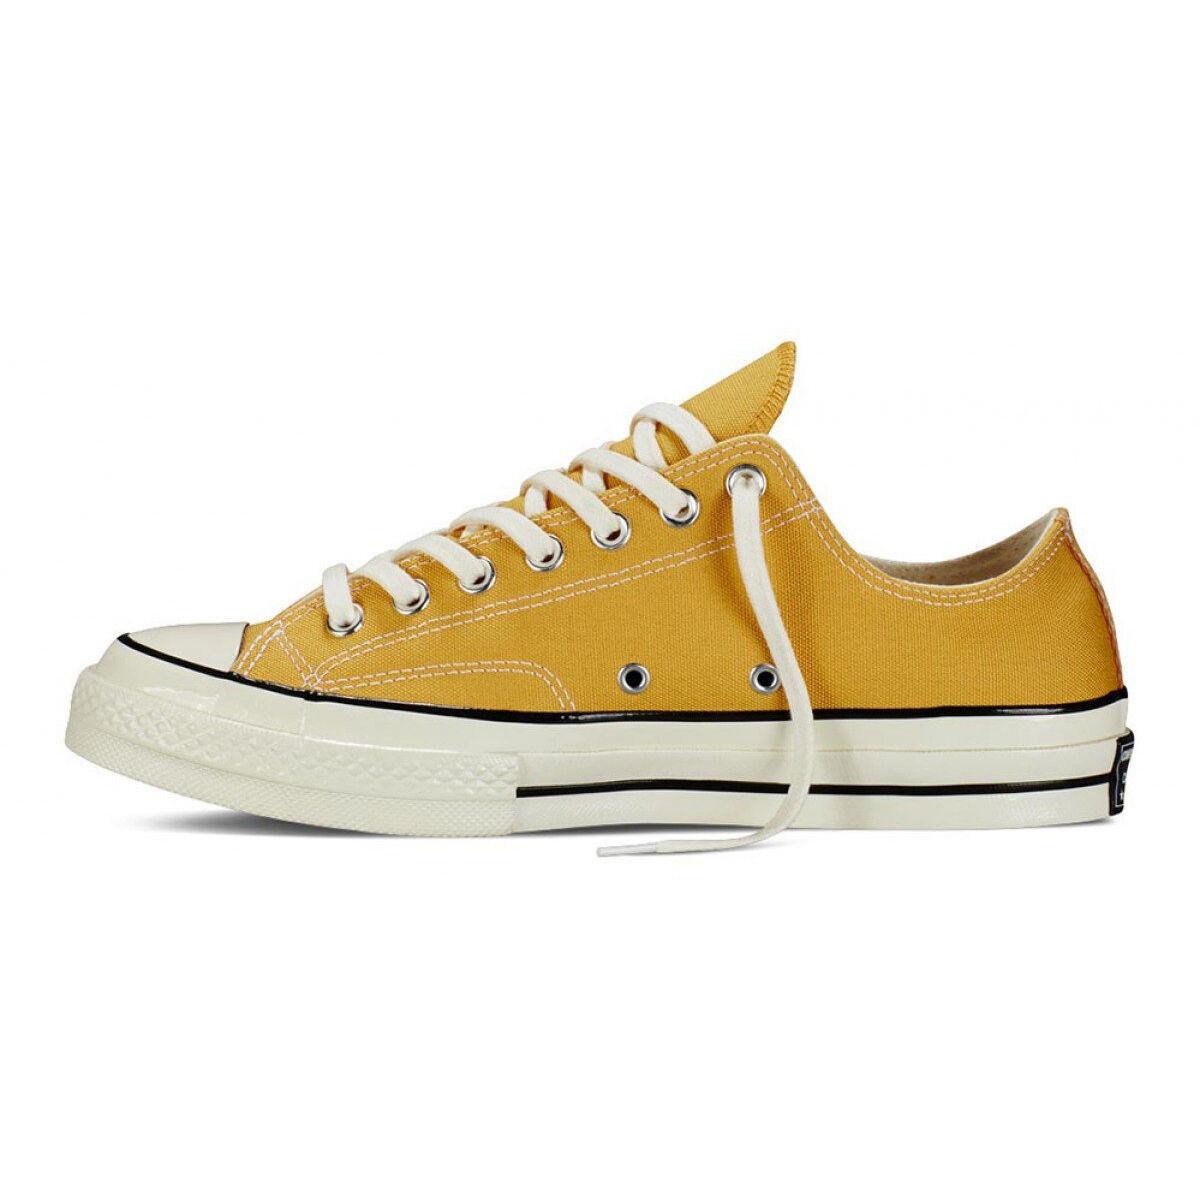 sprawdzić najnowszy 100% wysokiej jakości Details about Converse Chuck Taylor All Star Low 1970s Sunflower Yellow FS  151229C 162063C